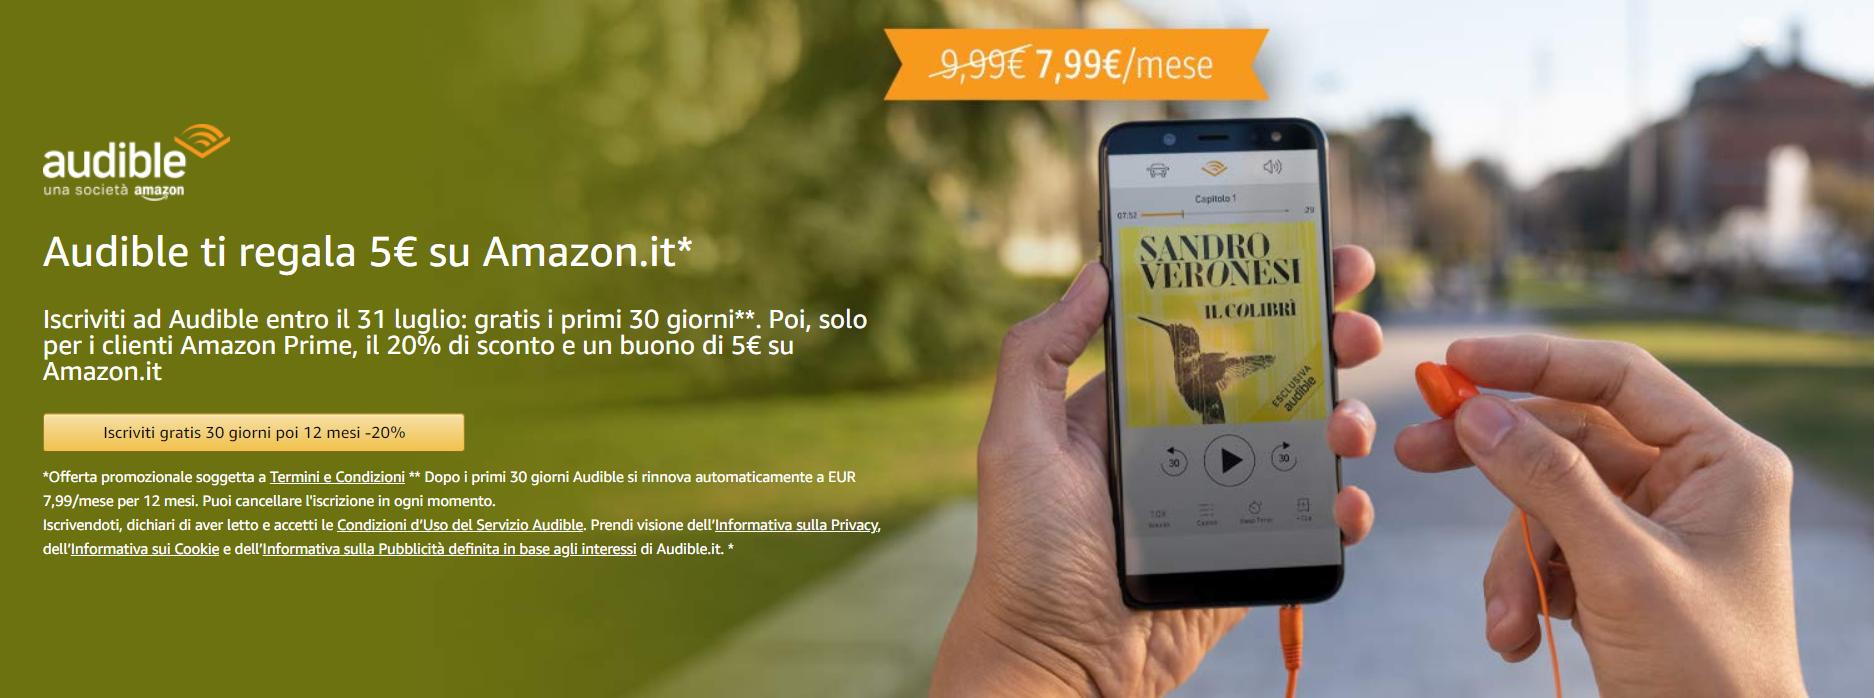 amazon audible promozione buono 5 euro sconto